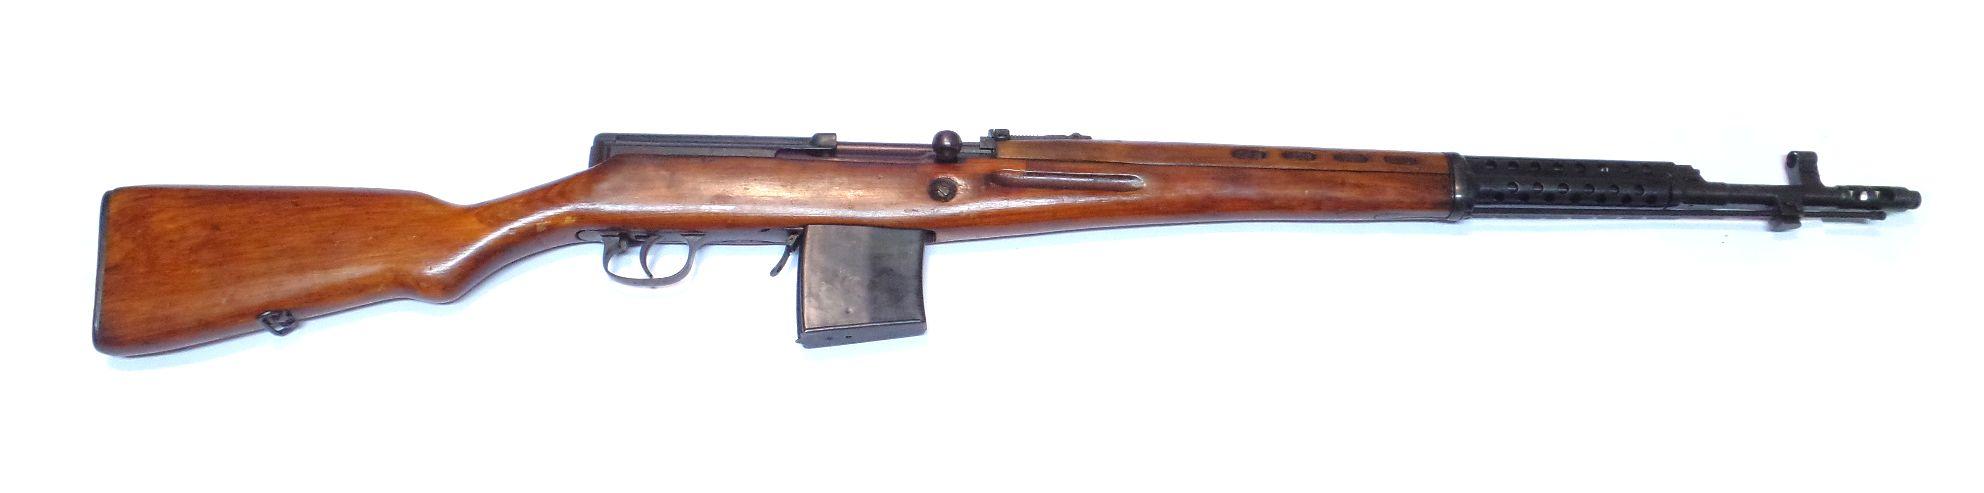 TOKAREV SVT40 calibre 7.62x54R